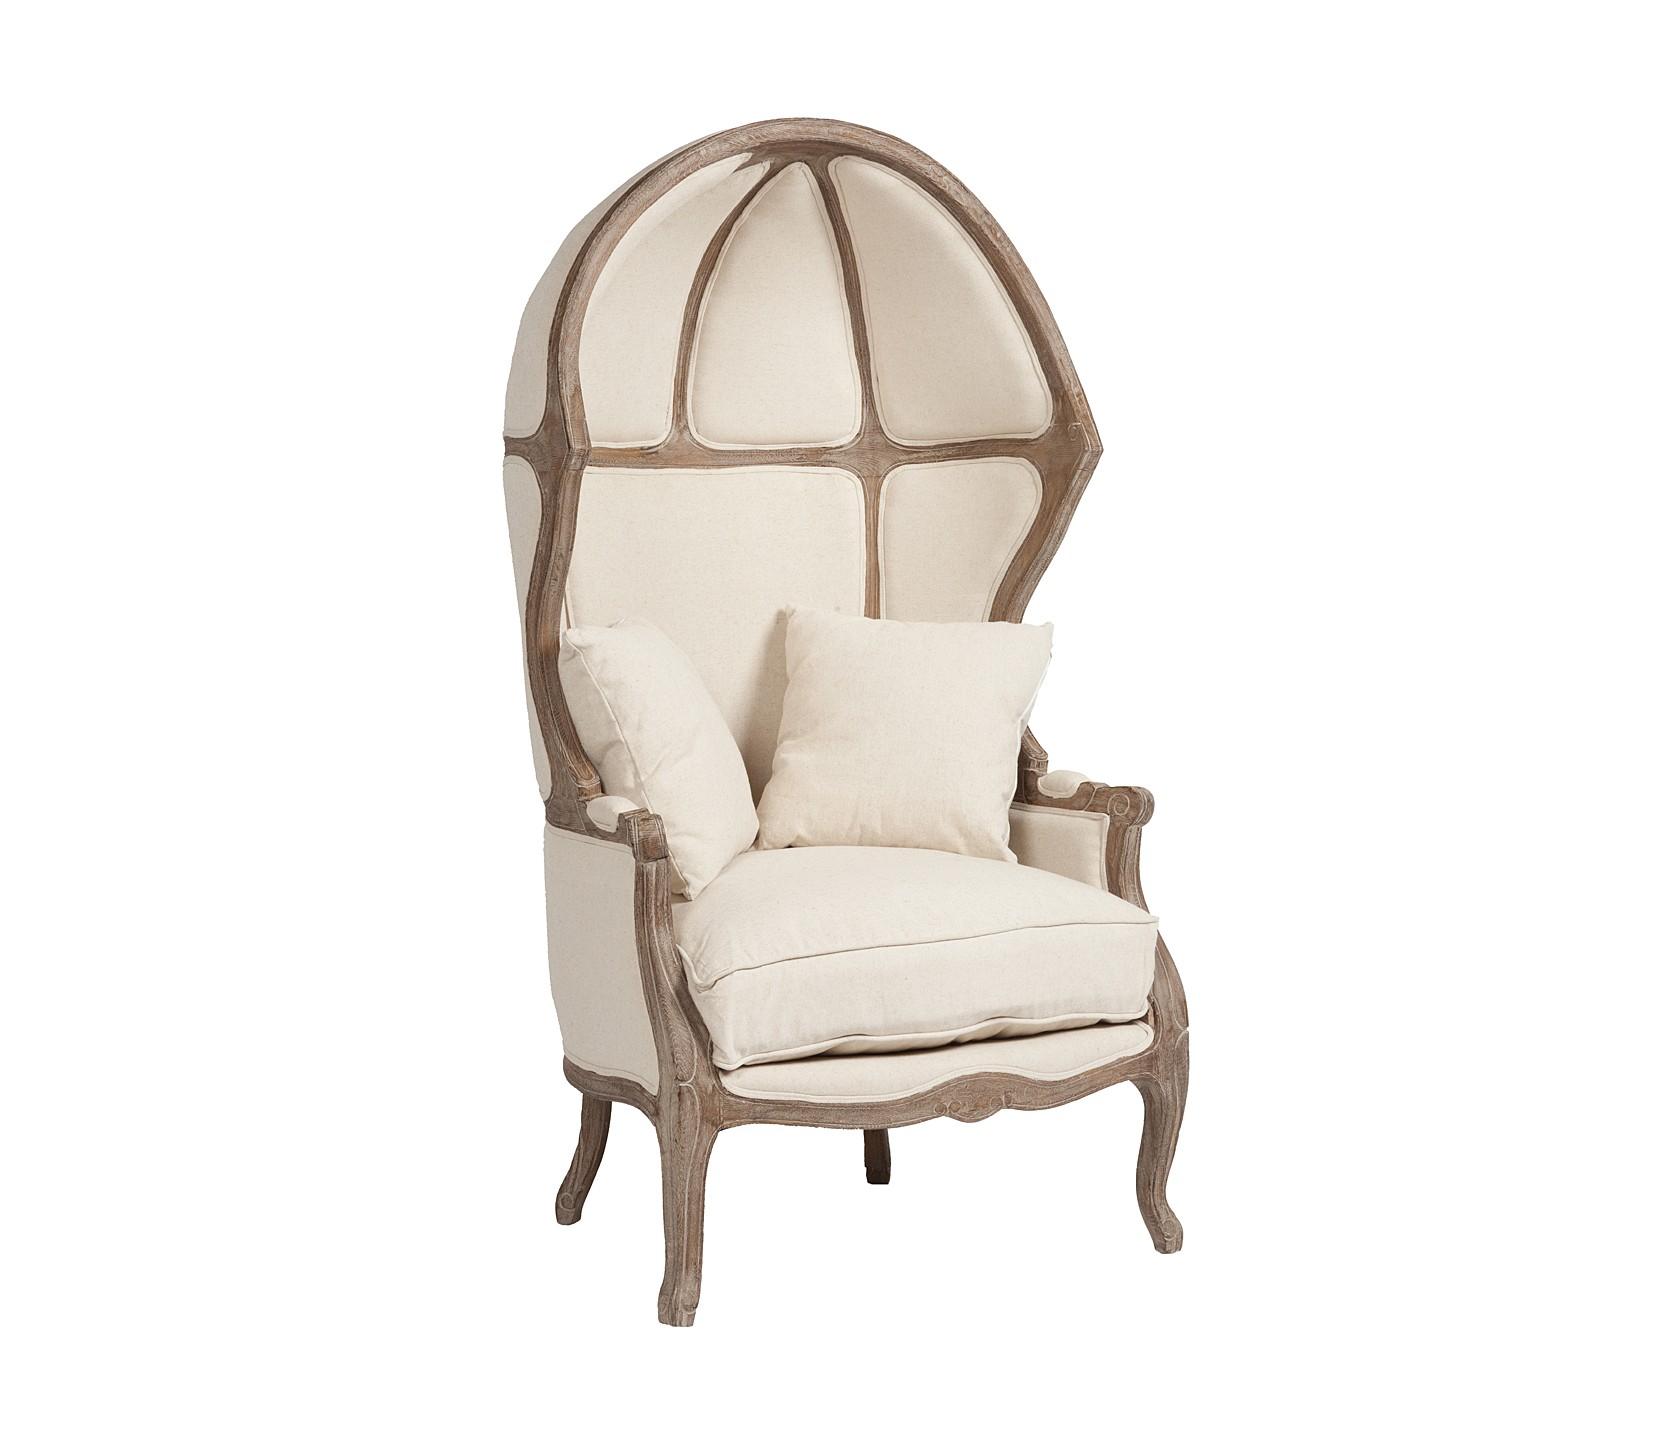 Кресло VersaillesКресла с высокой спинкой<br>Оригинальное кресло-карета Versailles позволит вам со стилем окунуться в эпоху французского Просвещения. Резные элементы из благородного дуба восхищают мастерством исполнения, а неординарный капюшон буквально заставляет поверить, что кресло к нам попало прямиком из XVIII века.&amp;nbsp;&amp;nbsp;Поверхность кресла обита натуральной льняной тканью бежевого цвета.&amp;nbsp;Пухлая съёмная подушка сиденья и дополнительные мягкие подушки прибавляют ощущения комфорта.<br><br>kit: None<br>gender: None